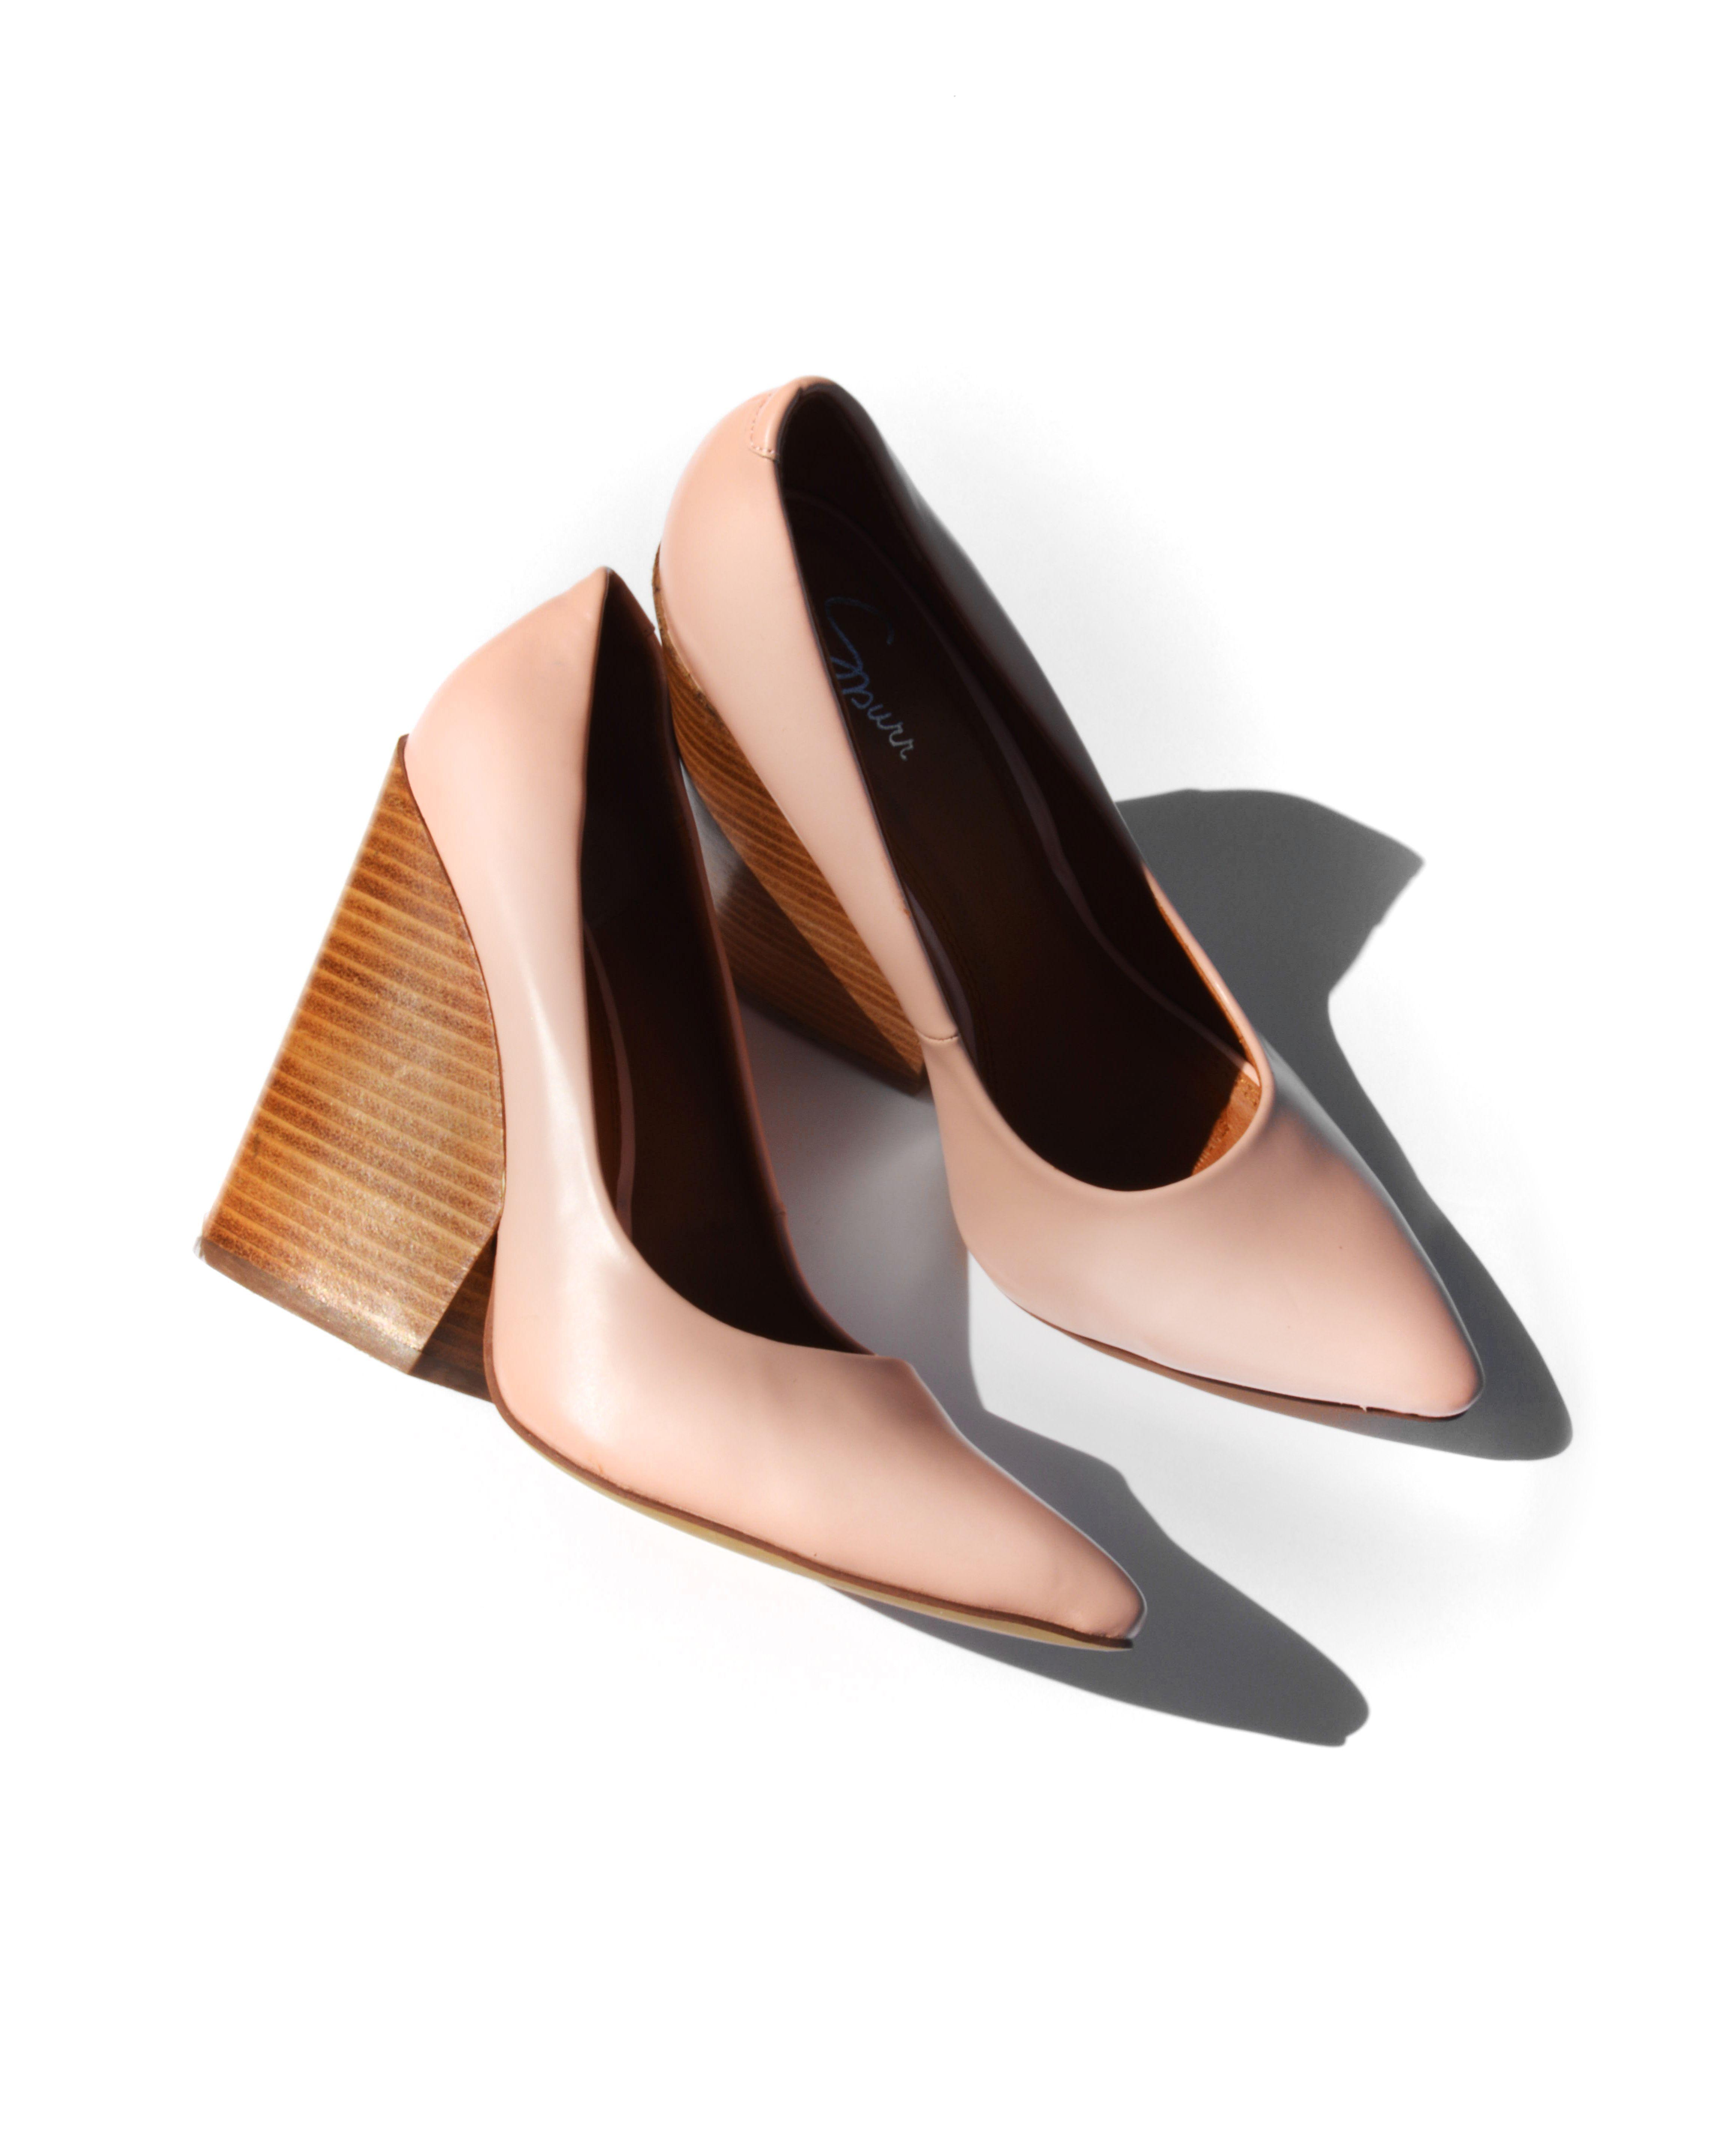 Los stilettos de tacón ancho serán tu mejor aliado para la oficina ... 51cd3f57b4